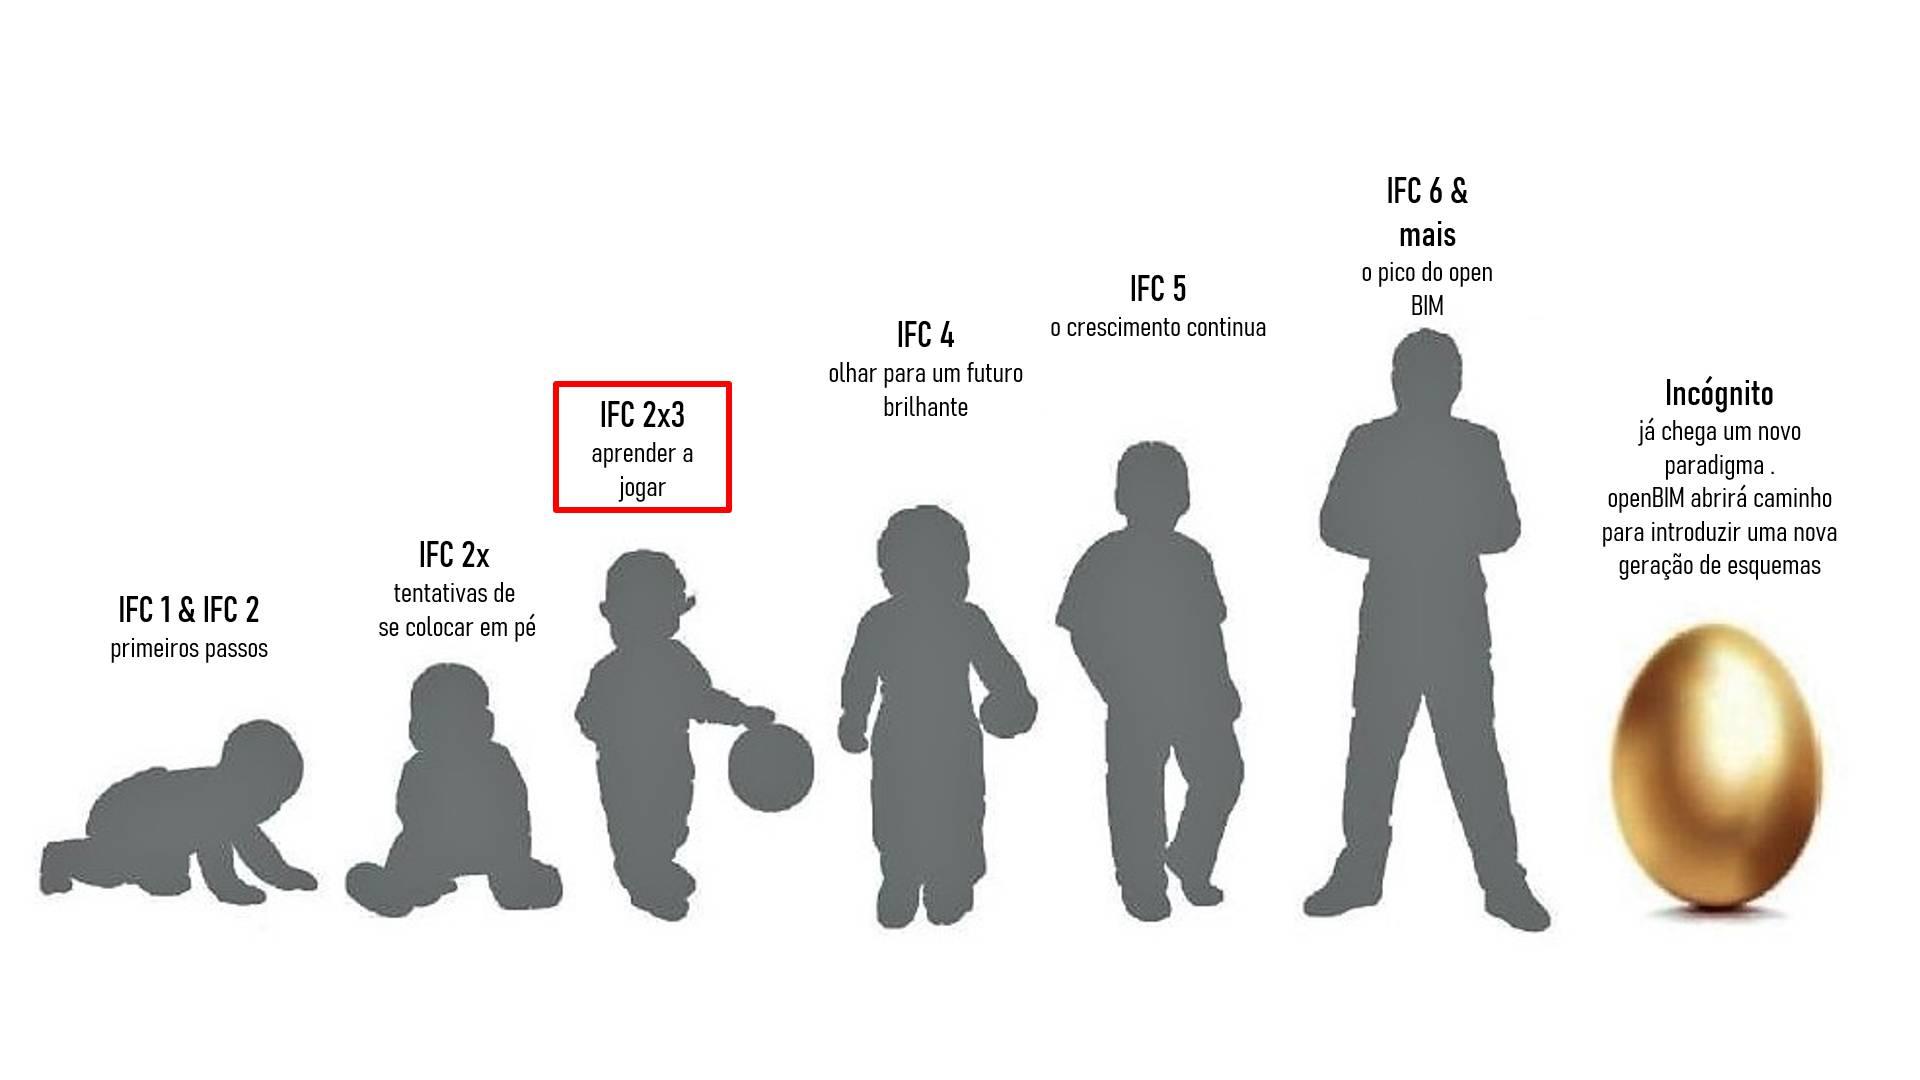 O grafico mostra a evolucao do formato IFC